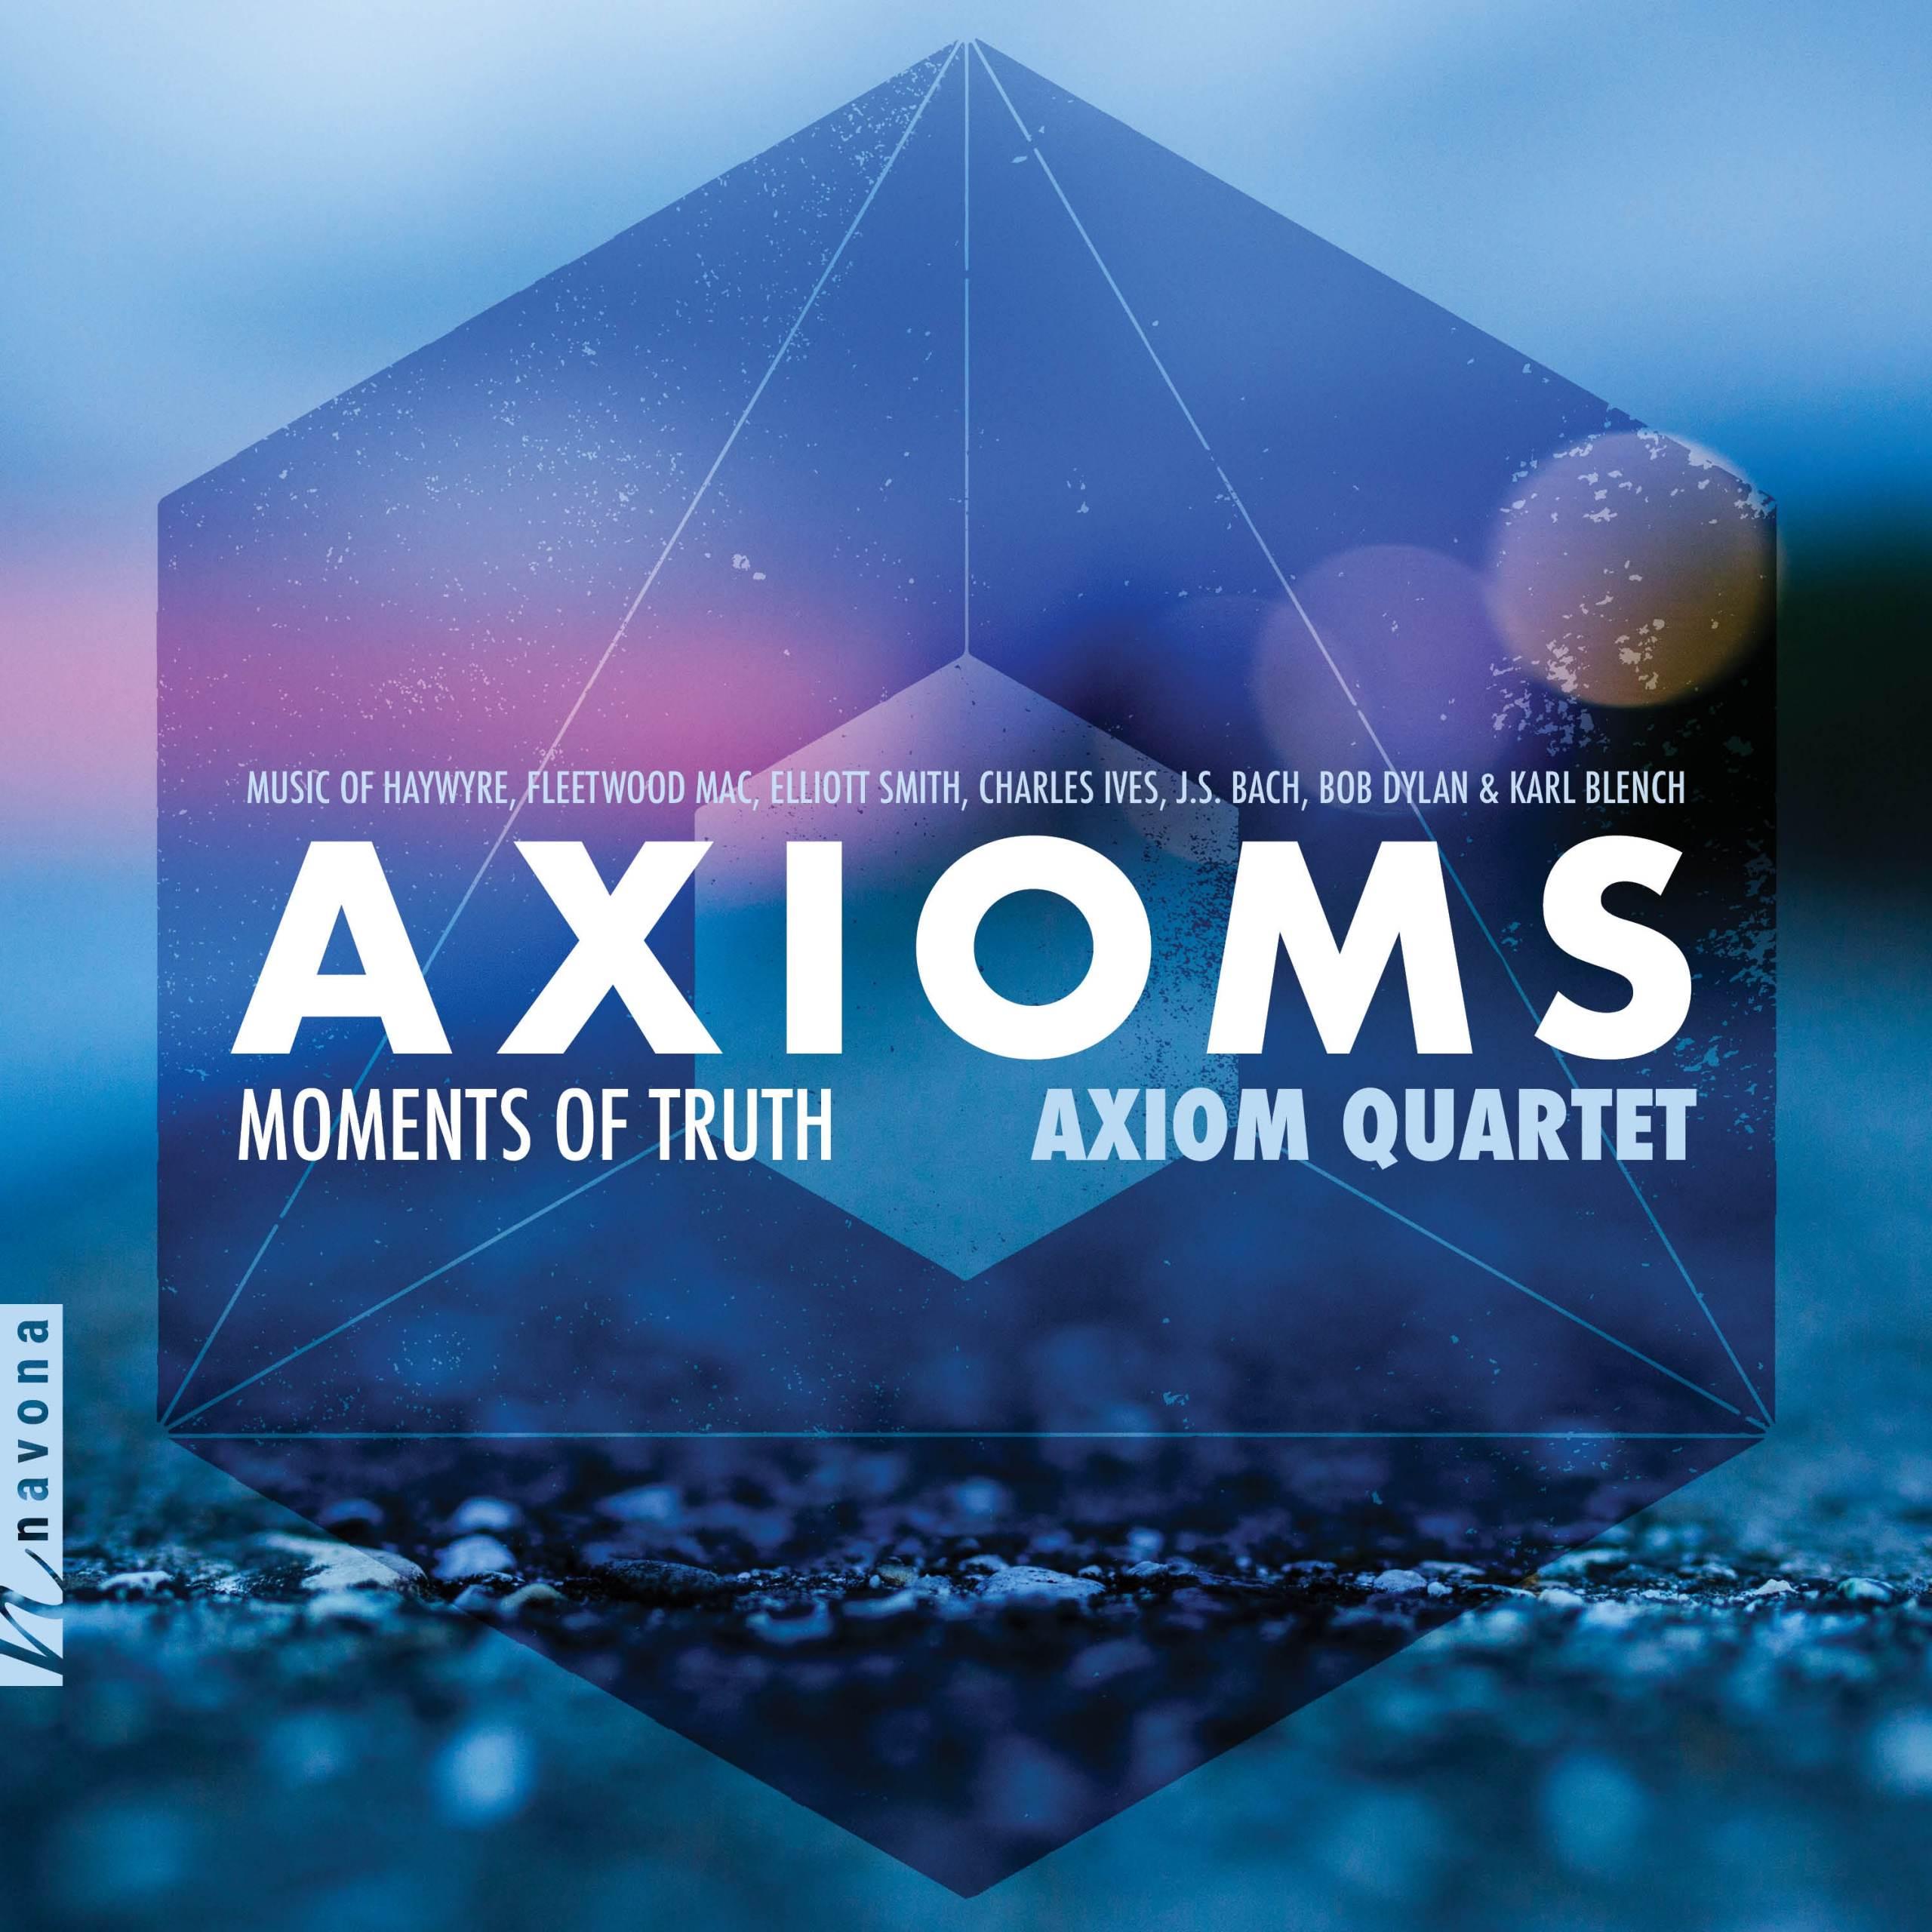 AXIOMS - album cover